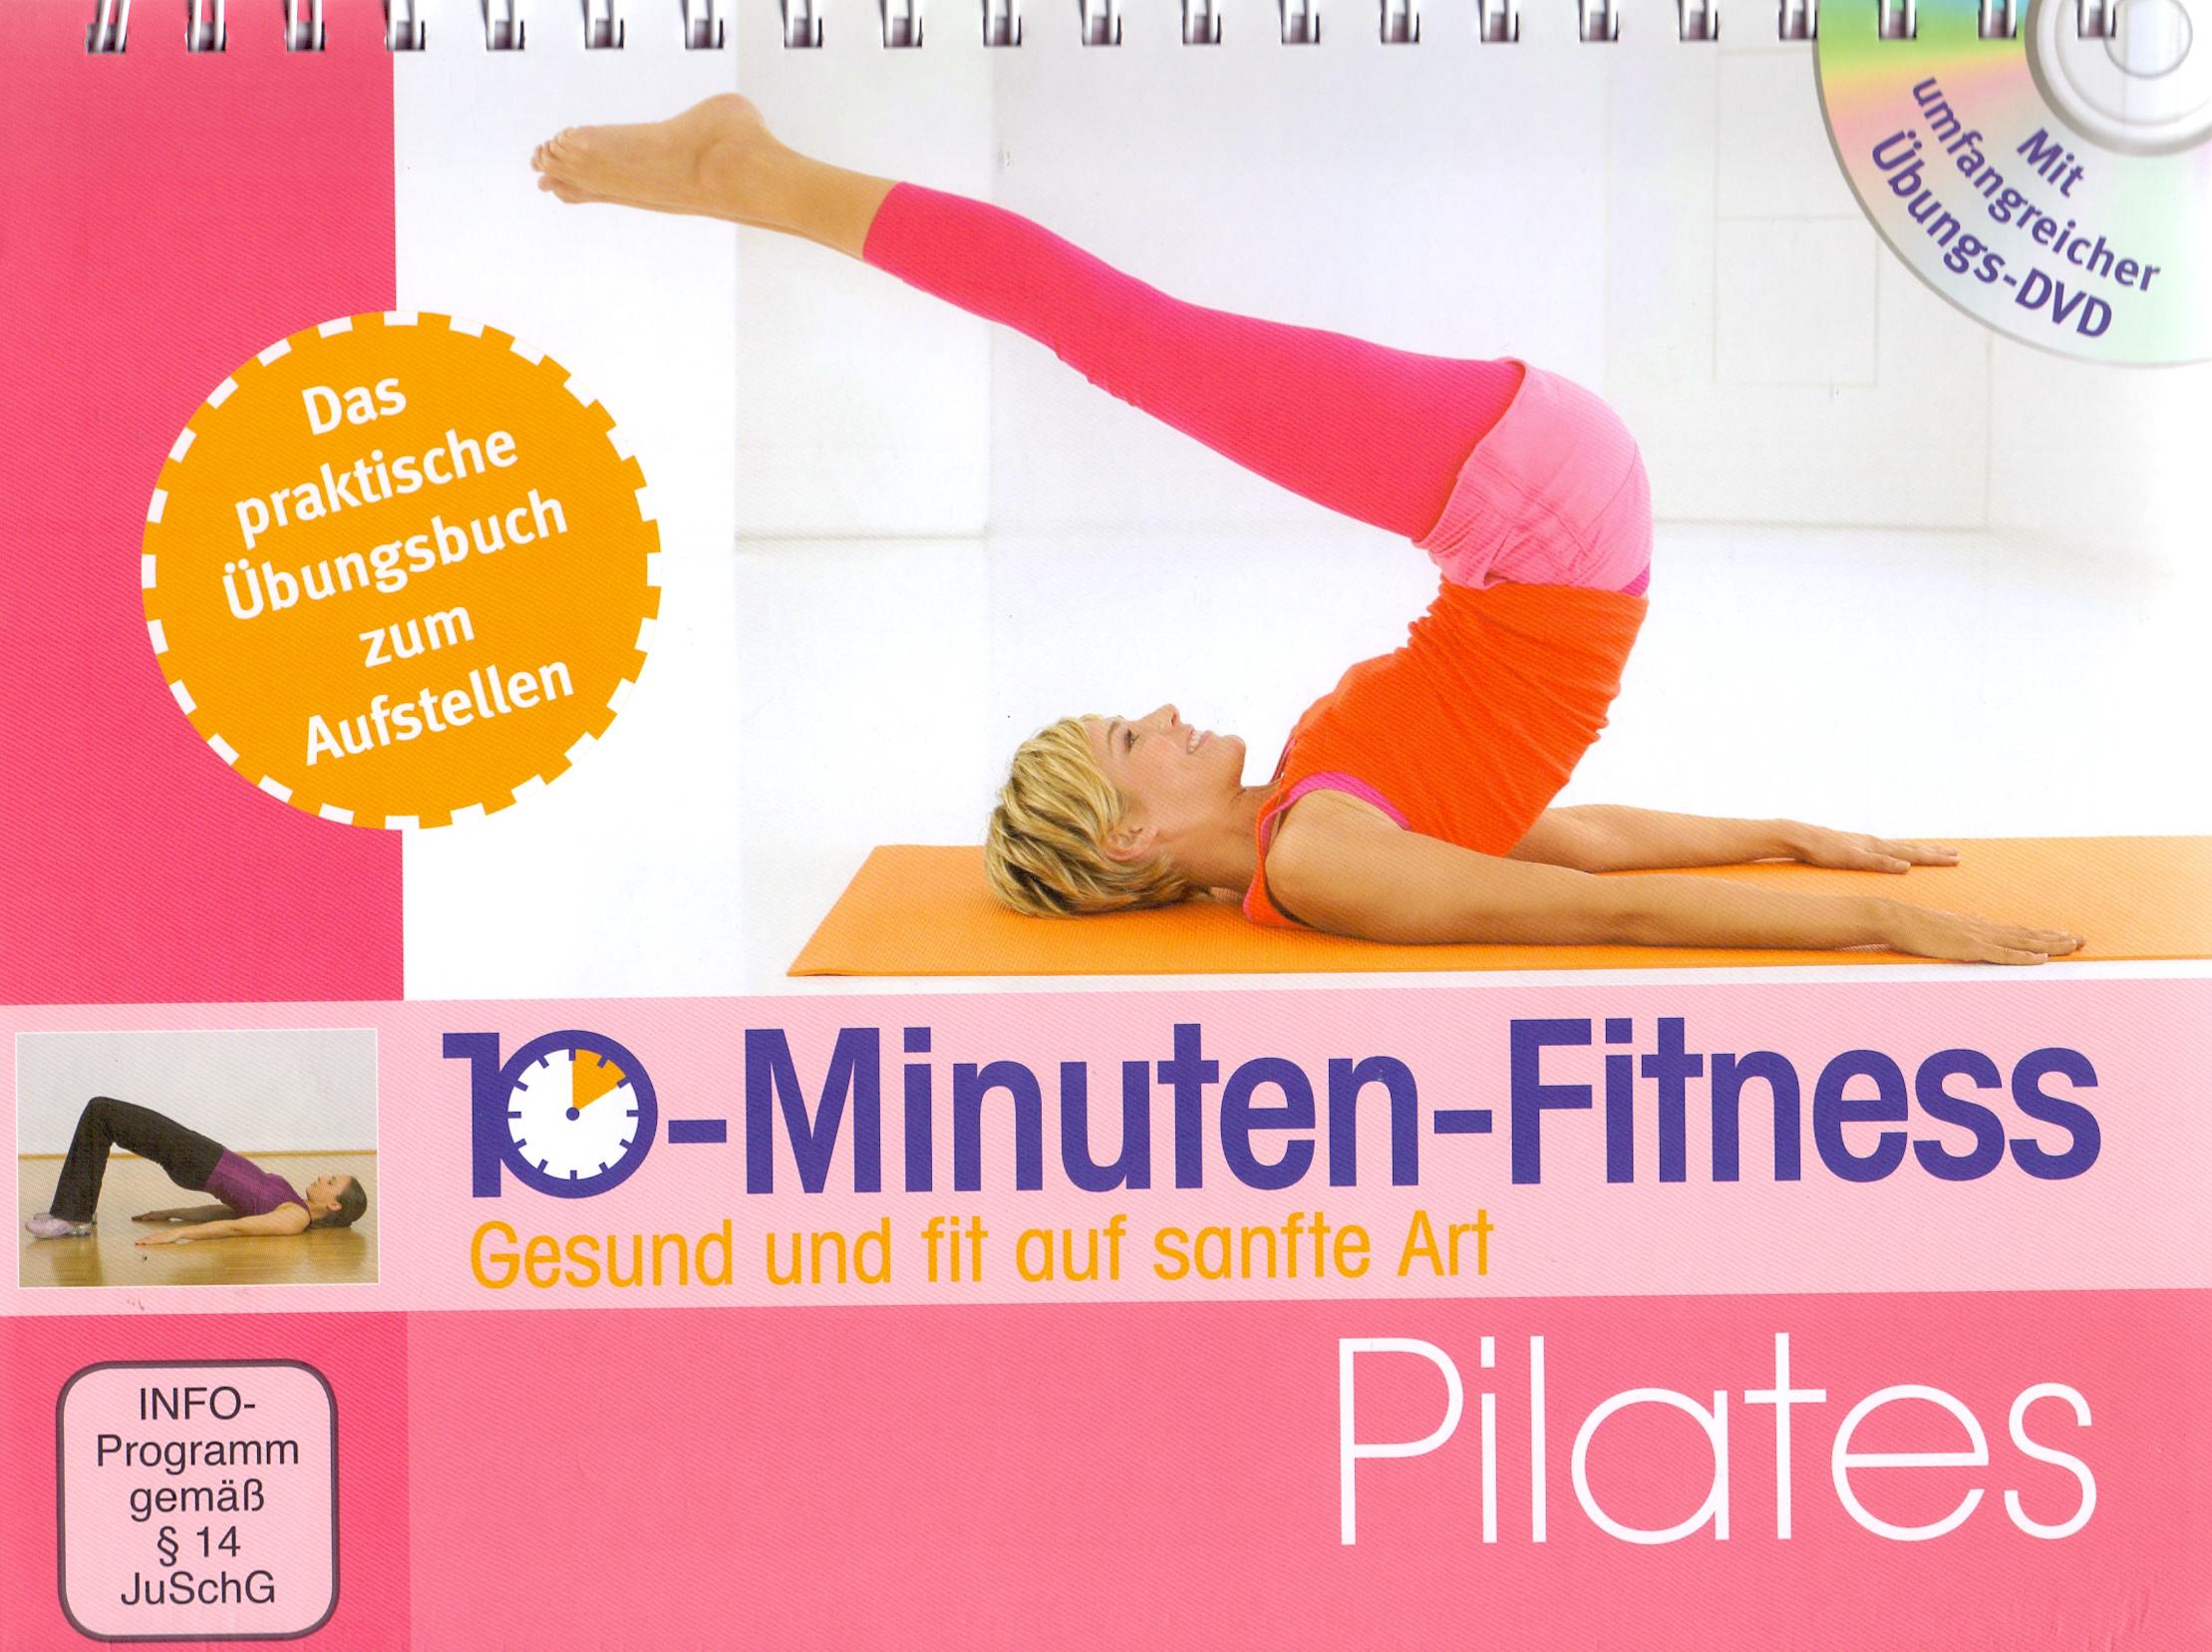 10-Minuten-Fitness: Pilates - Gesund und fit au...